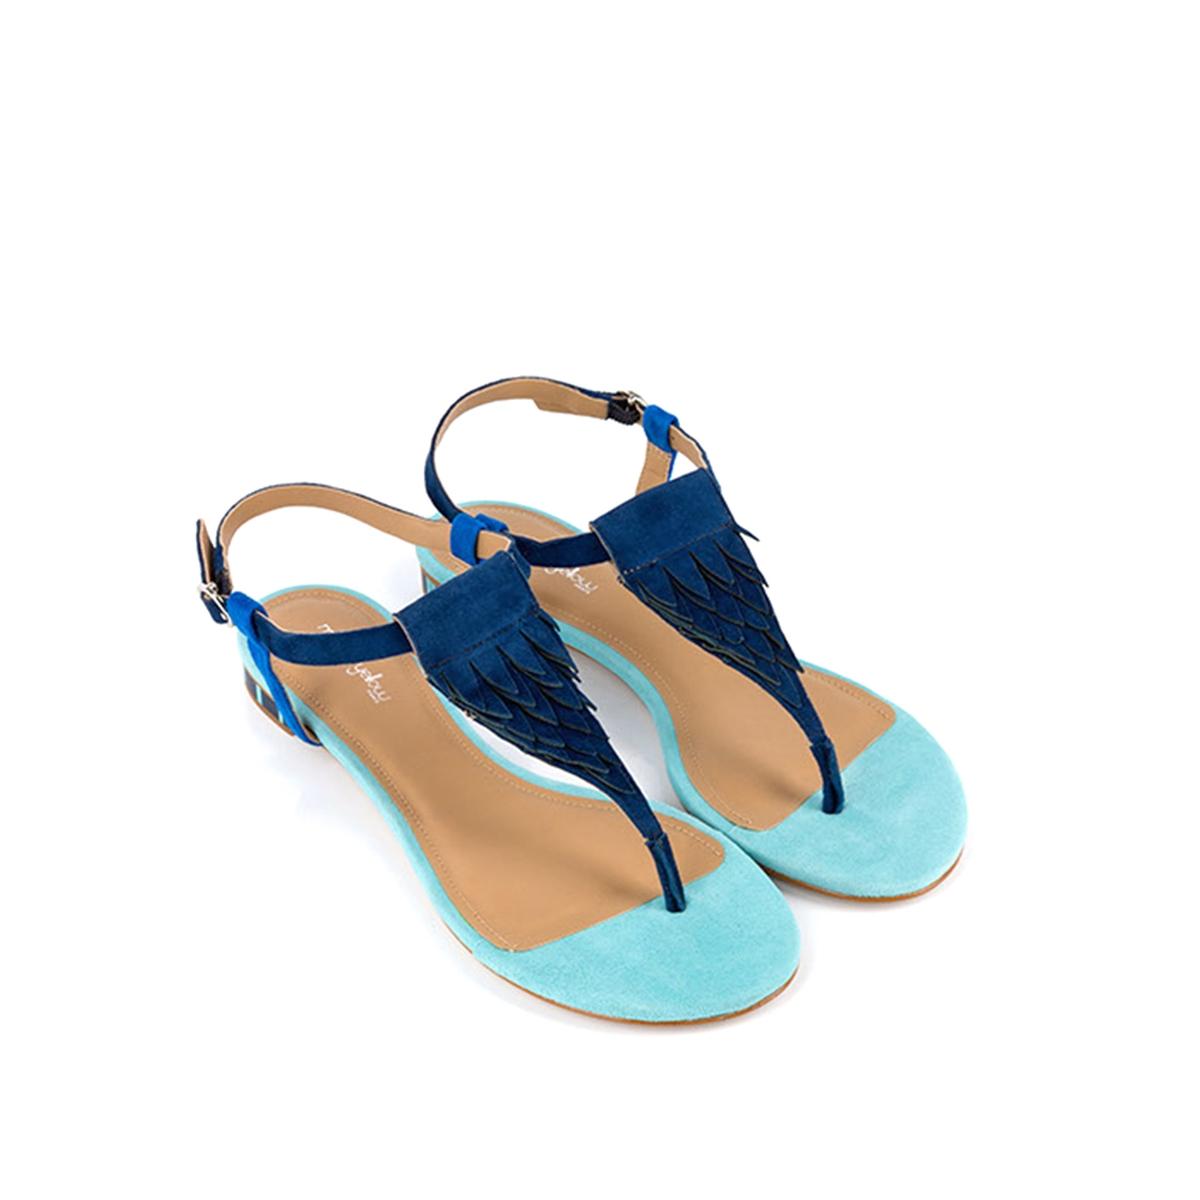 Босоножки кожаные BradВерх: кожа.  Подкладка: кожа.  Стелька: кожа.  Подошва: синтетика.Высота каблука: 1 см.  Форма каблука: плоский каблук.Мысок: закругленный.  Застежка: пряжка.<br><br>Цвет: синий морской<br>Размер: 37